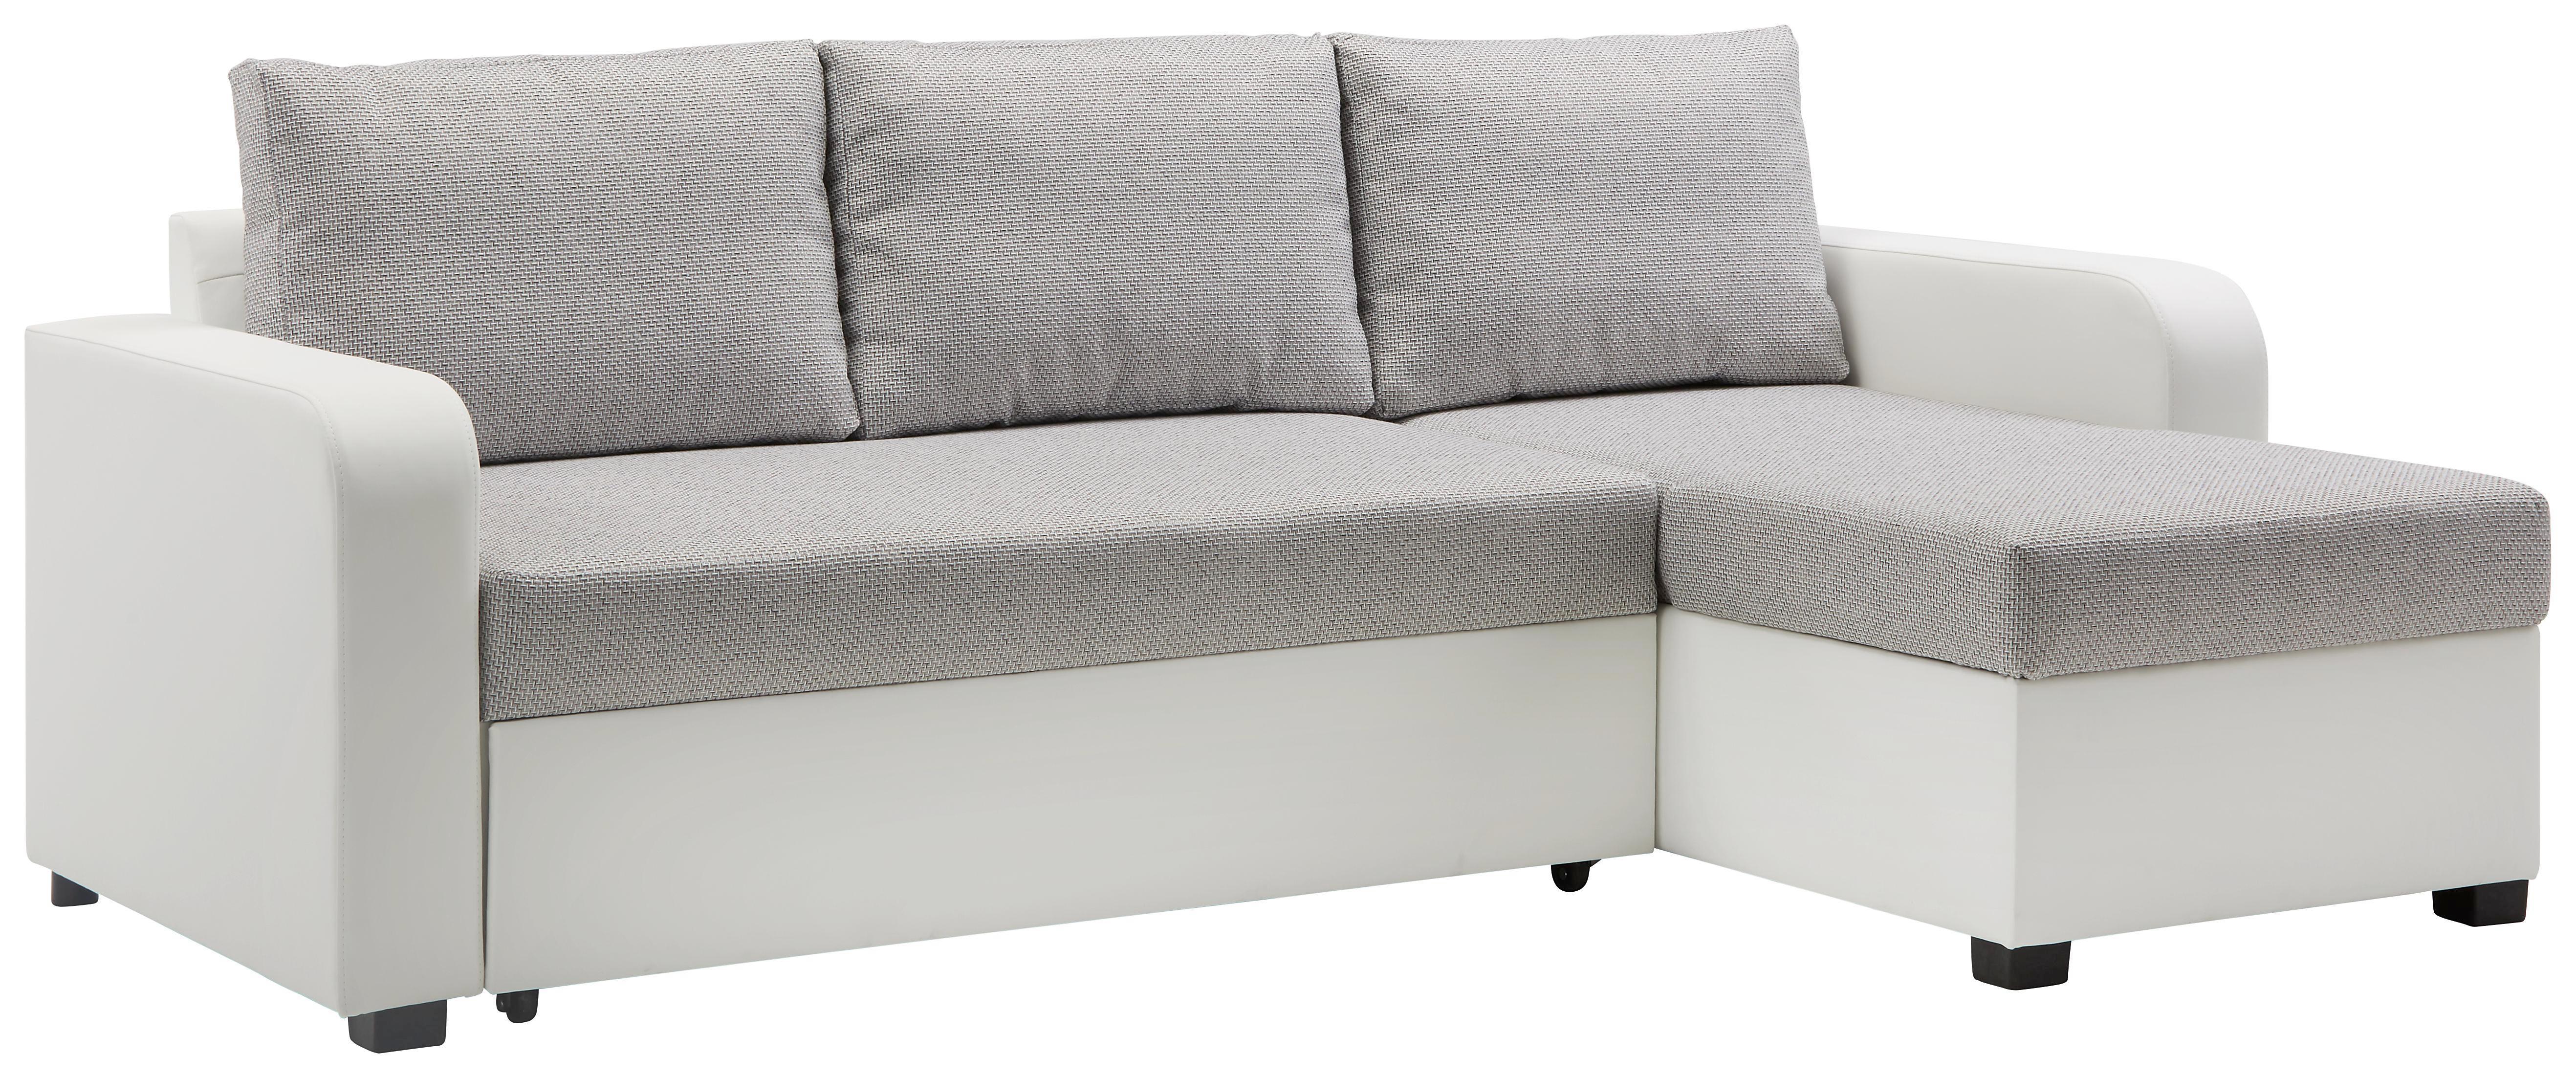 Wohnlandschaft Grau mit Bettfunktion - Schwarz/Weiß, KONVENTIONELL, Kunststoff/Textil (225/71-83/152cm) - MODERN LIVING